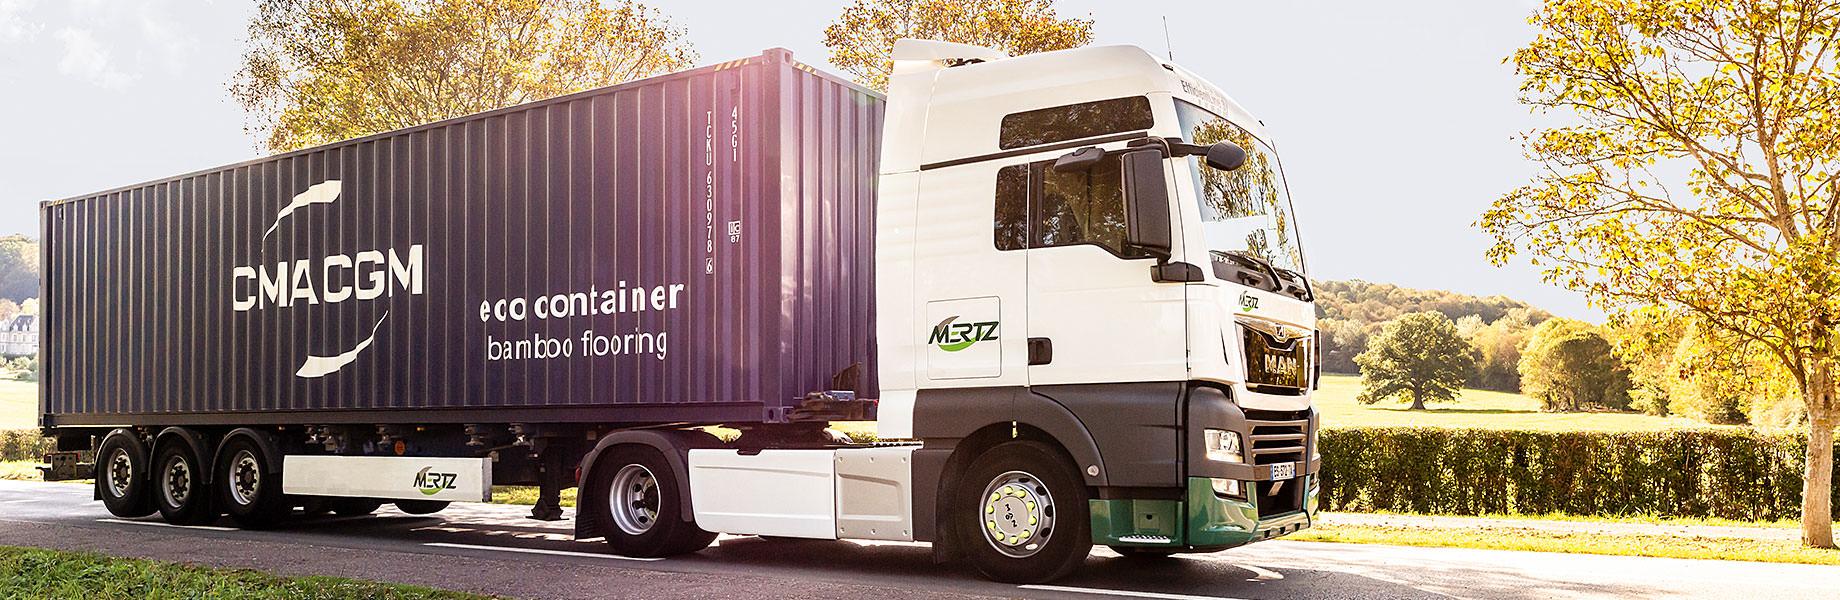 Porte conteneur Mertz transport routier